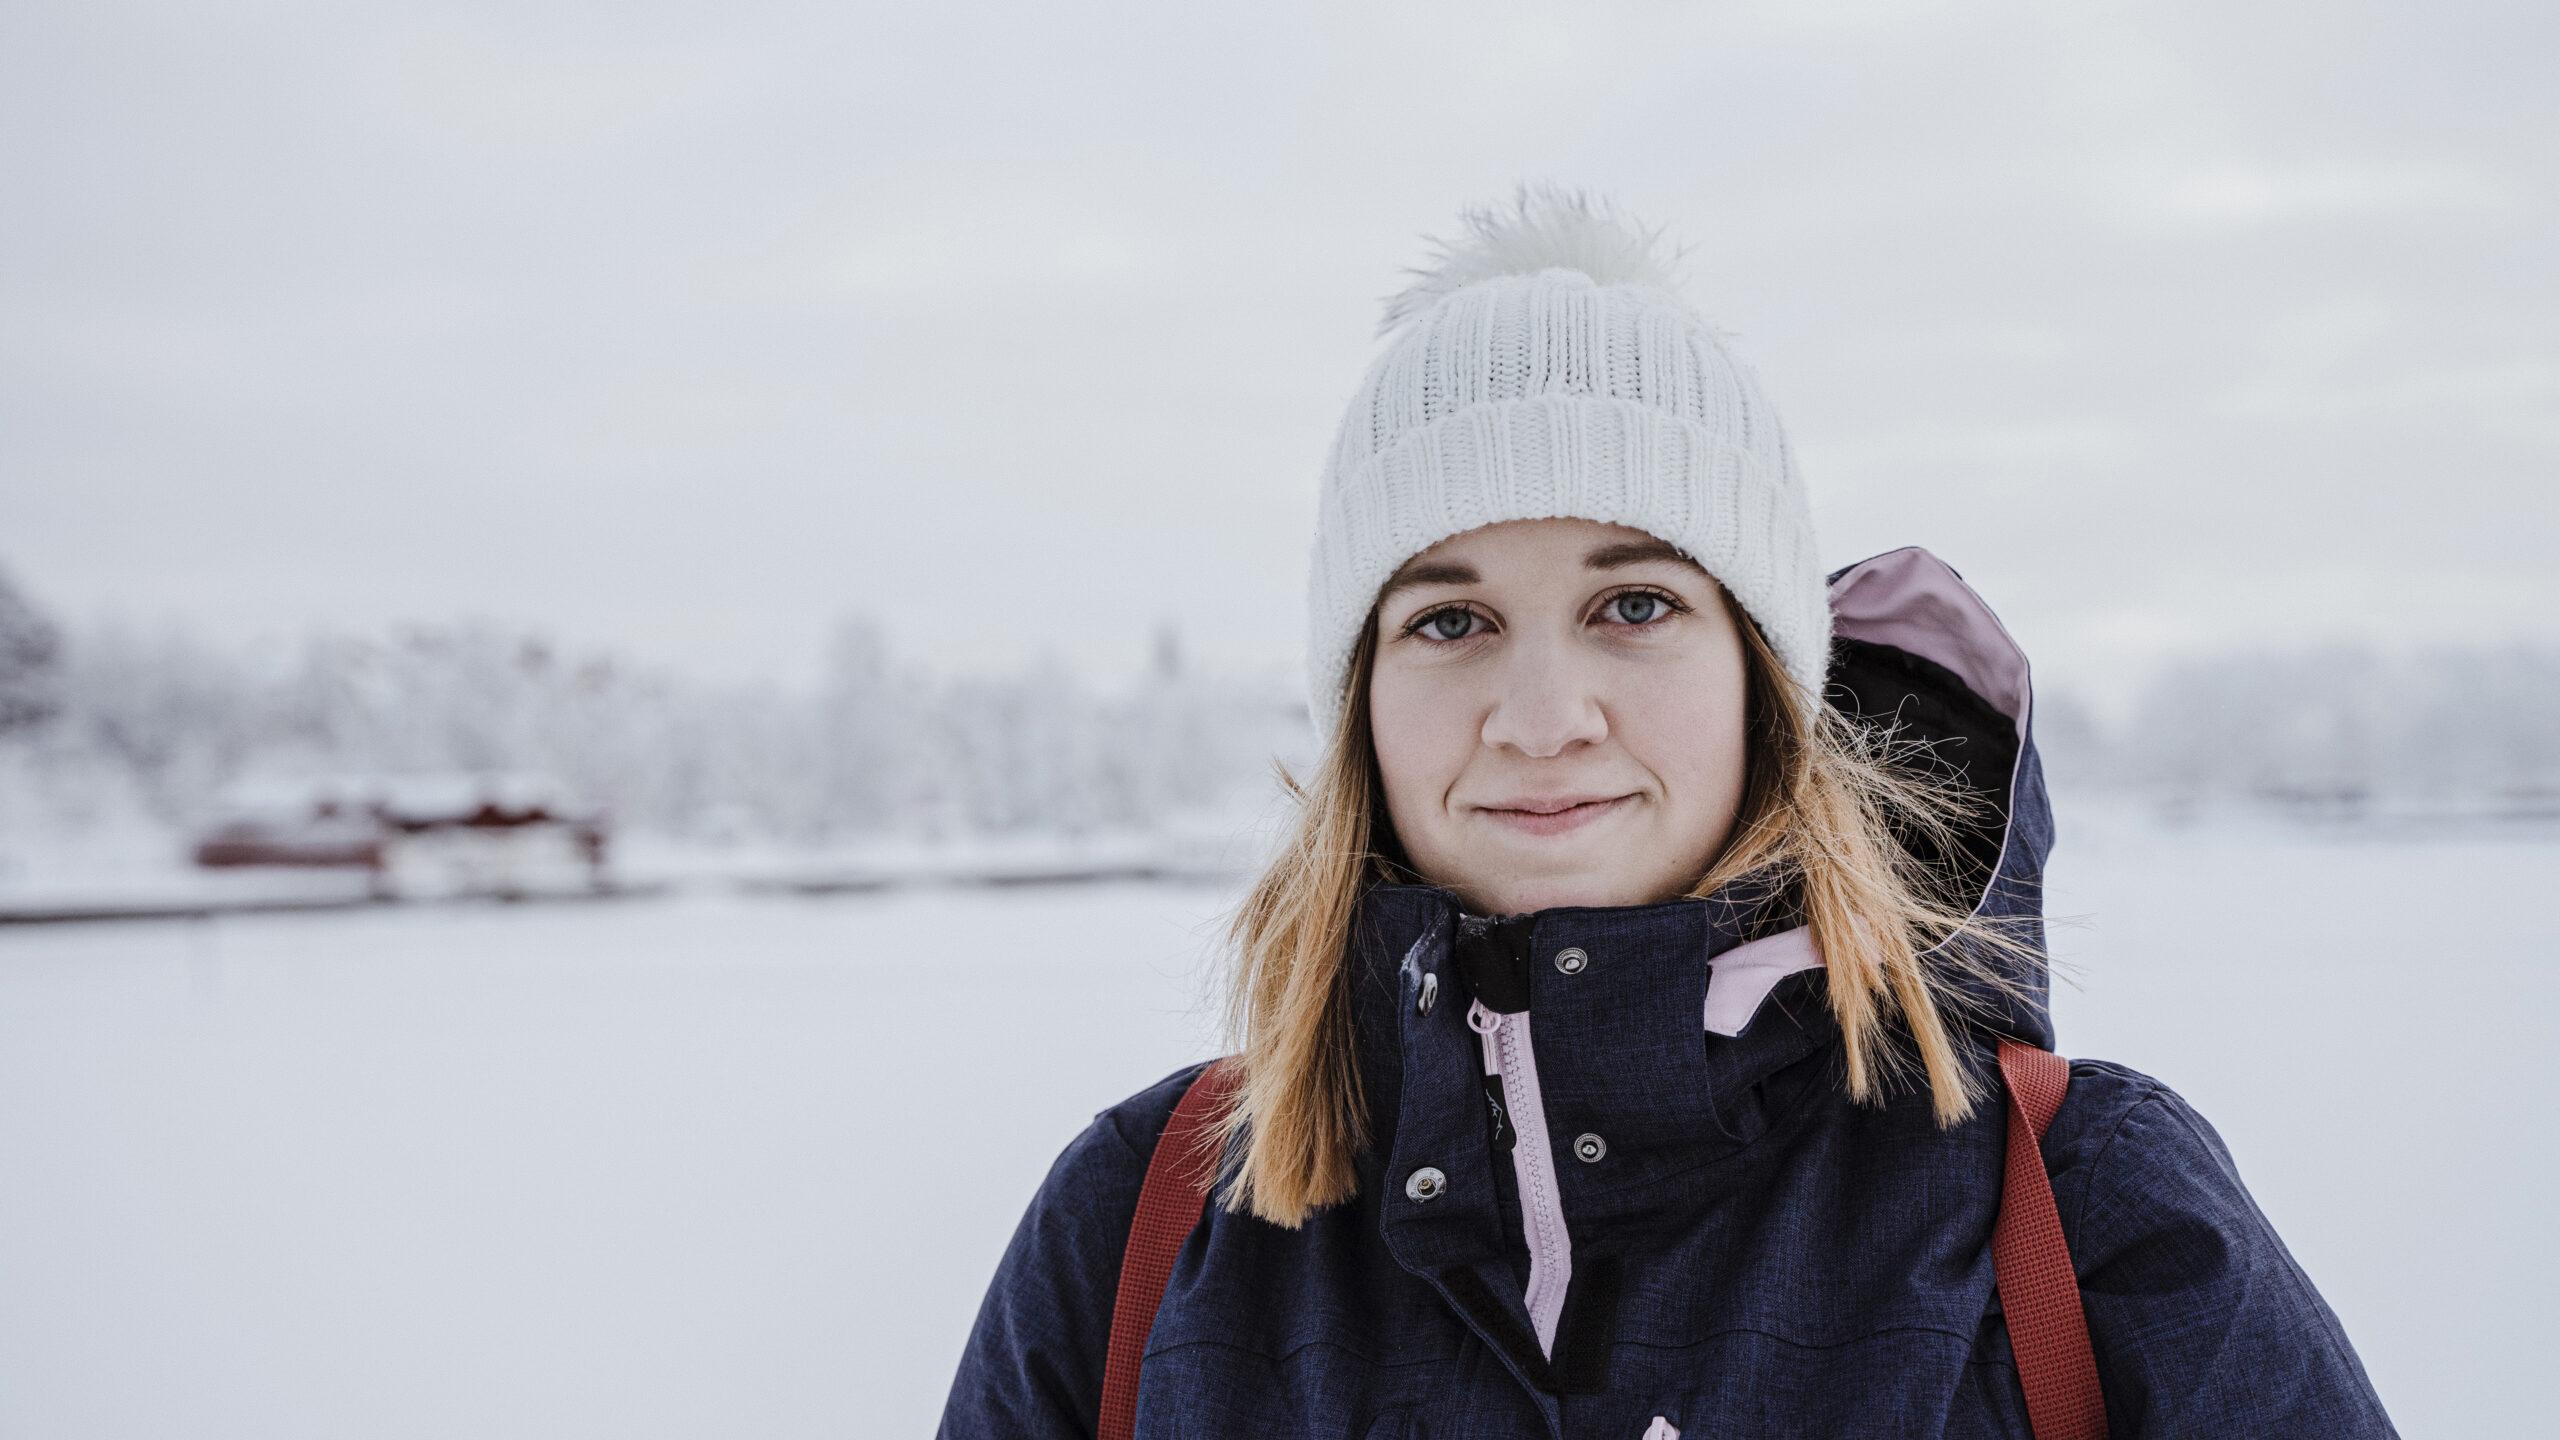 Student Anna MIIUN